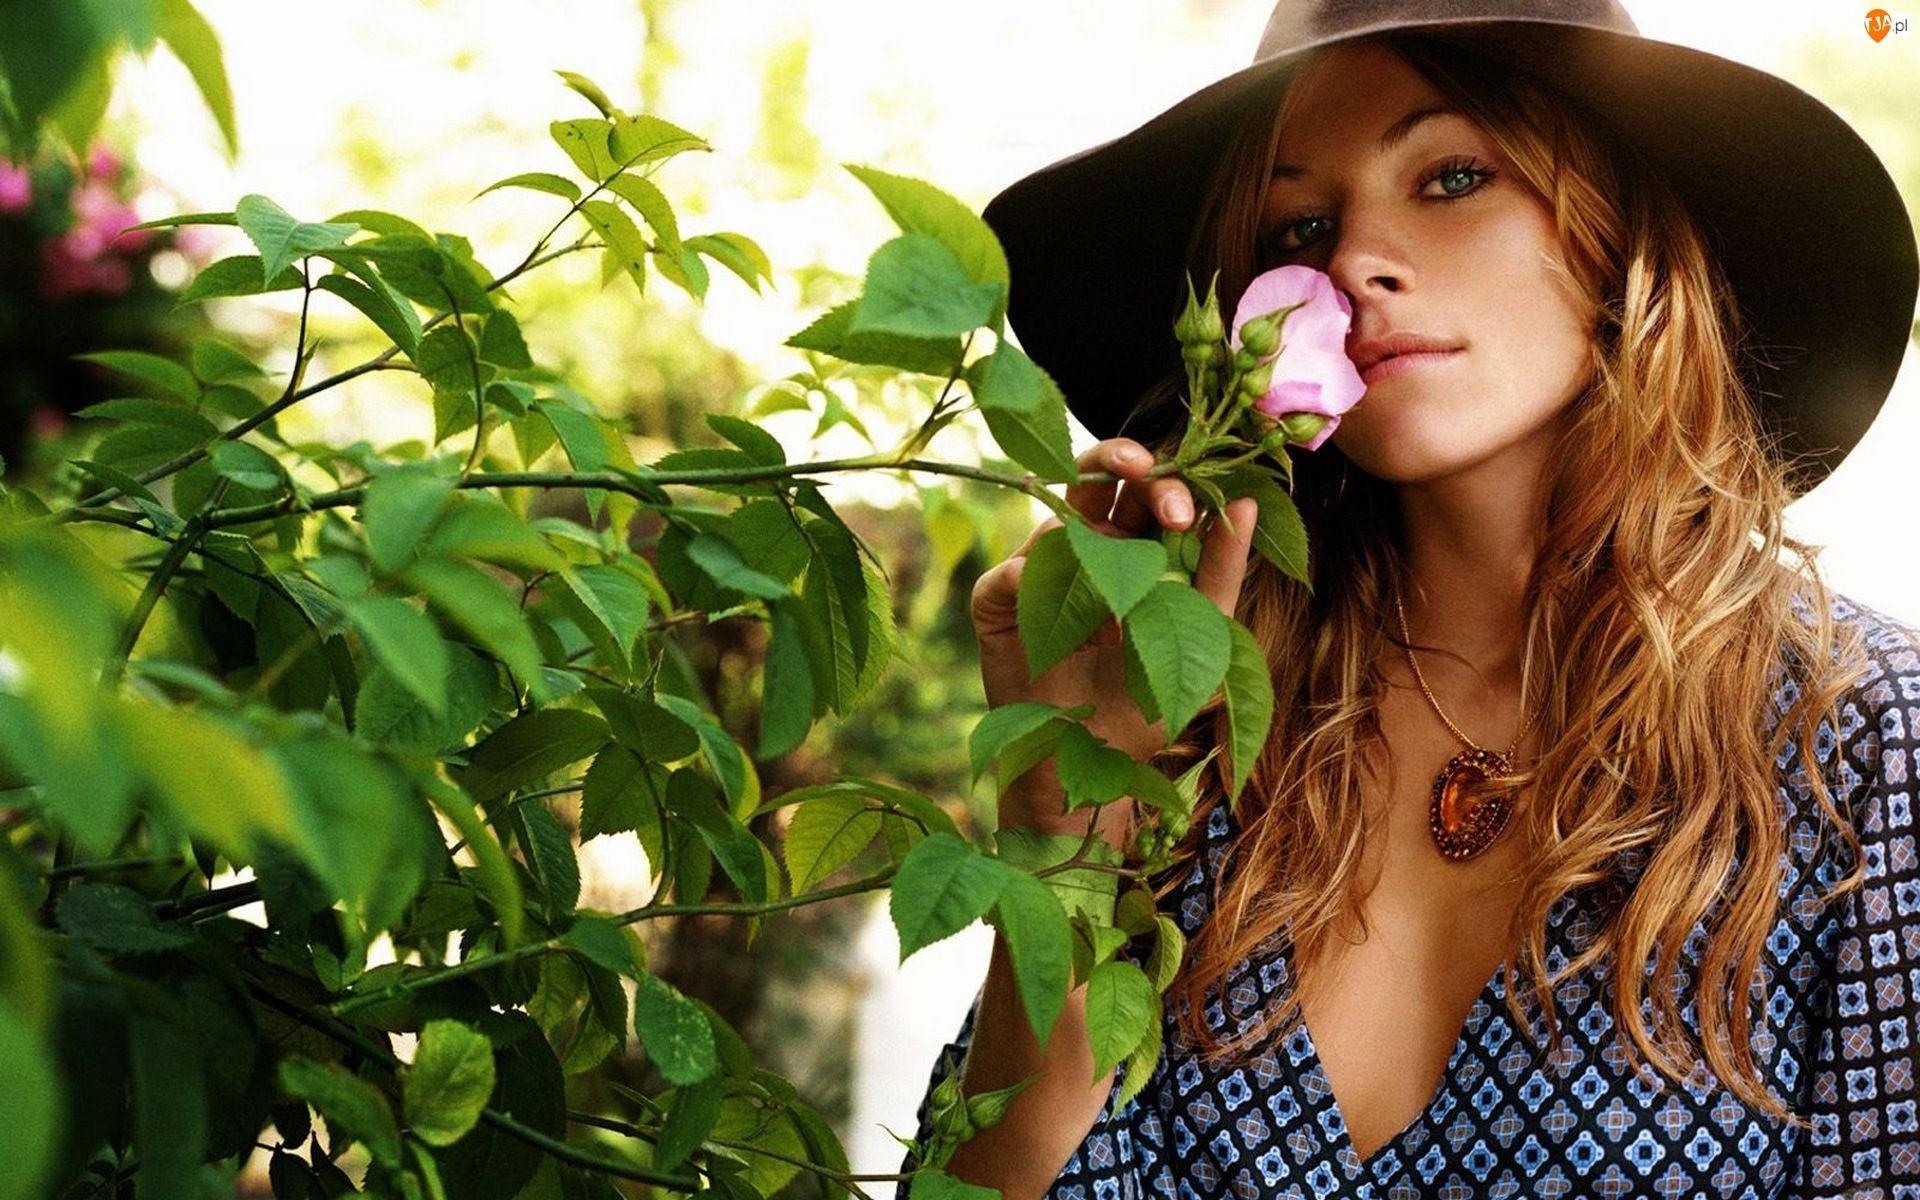 Biżuteria, Dzikiej, Dziewczyna, Róży, Kapelusz, Krzew